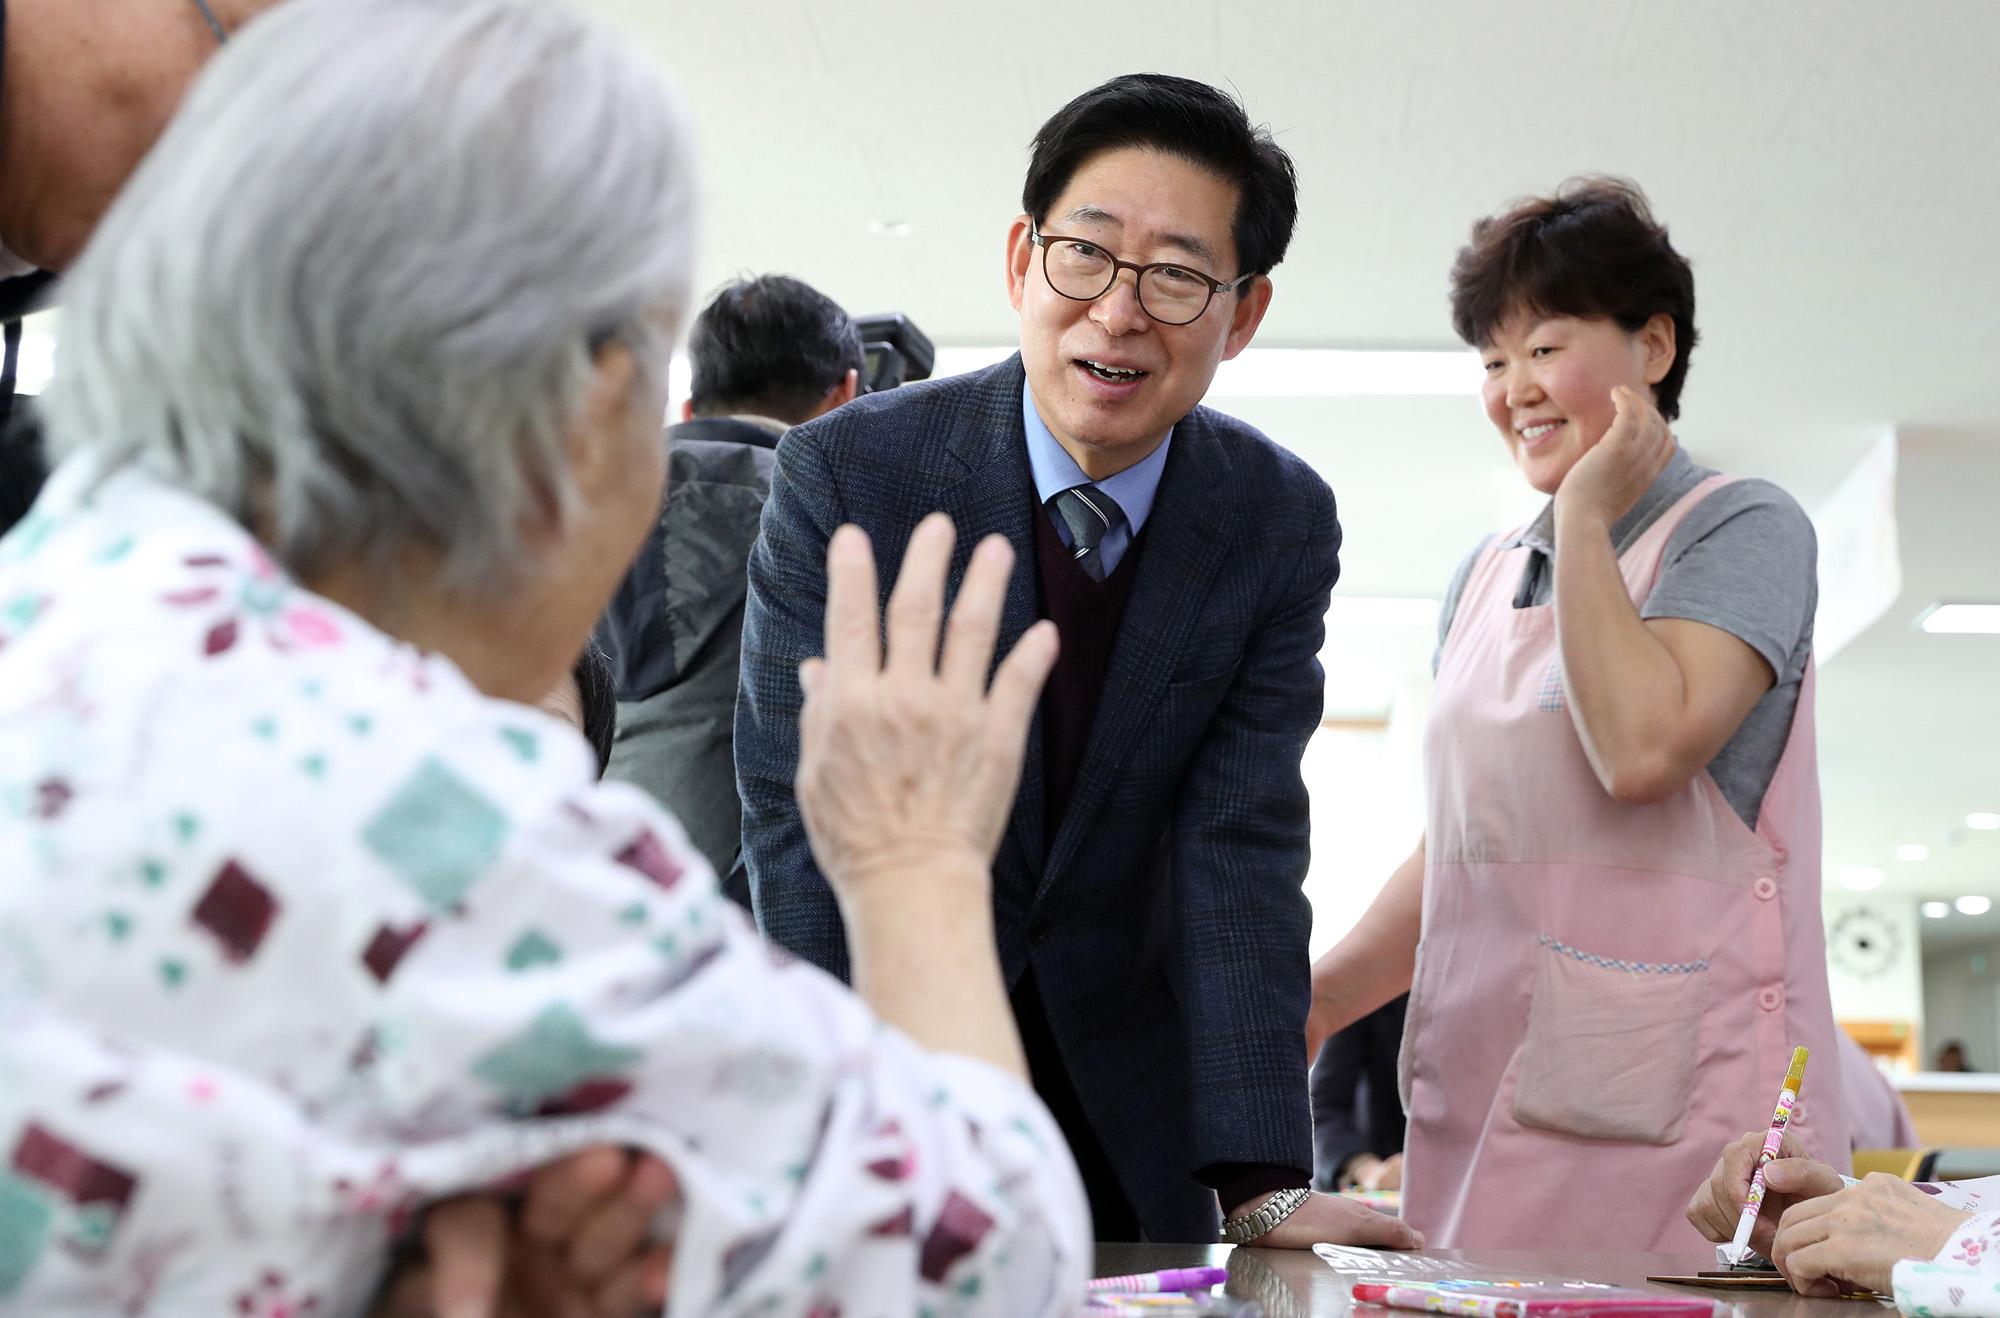 양승조 충남지사, 설 연휴 노인요양시설 방문